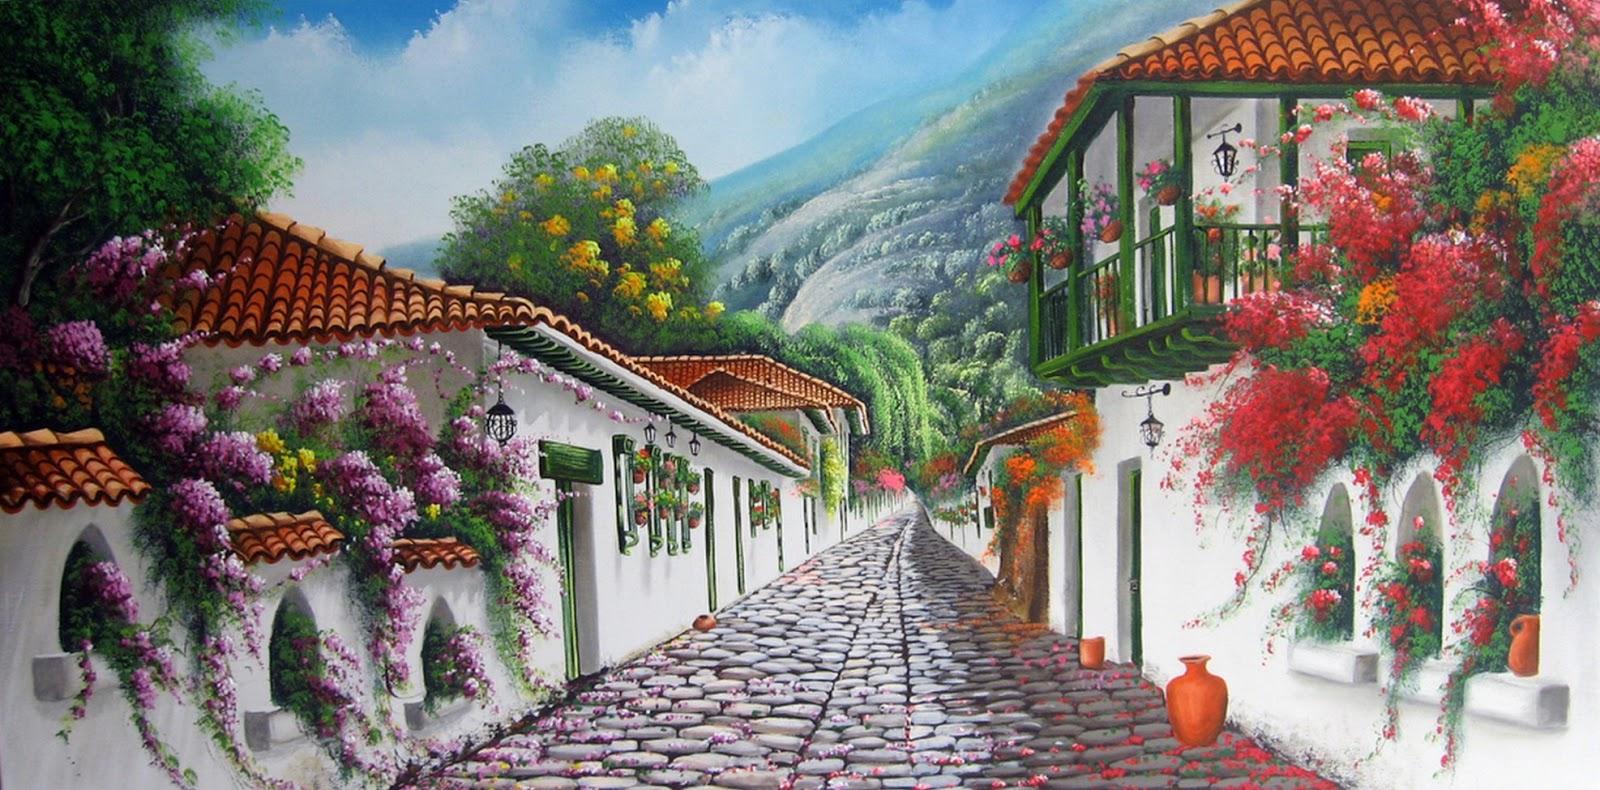 Im genes arte pinturas paisajes r sticos al leo for Jardines murales